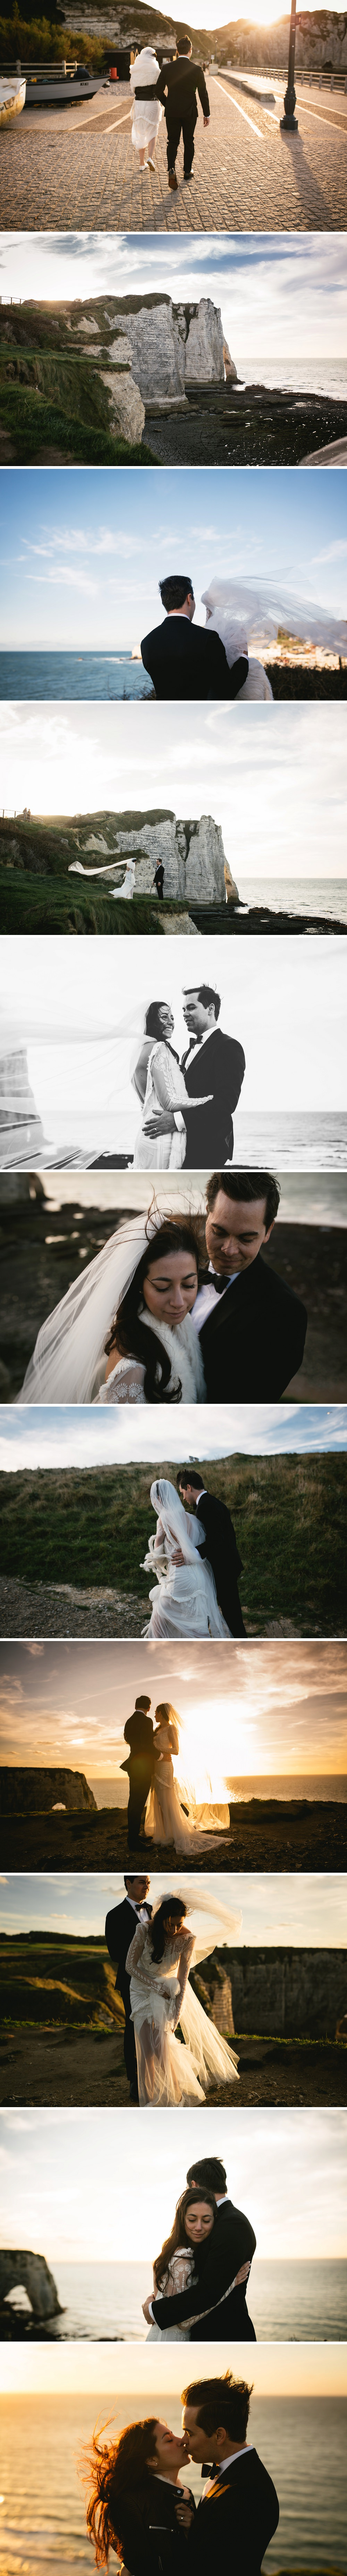 photographe de mariages à Etretat